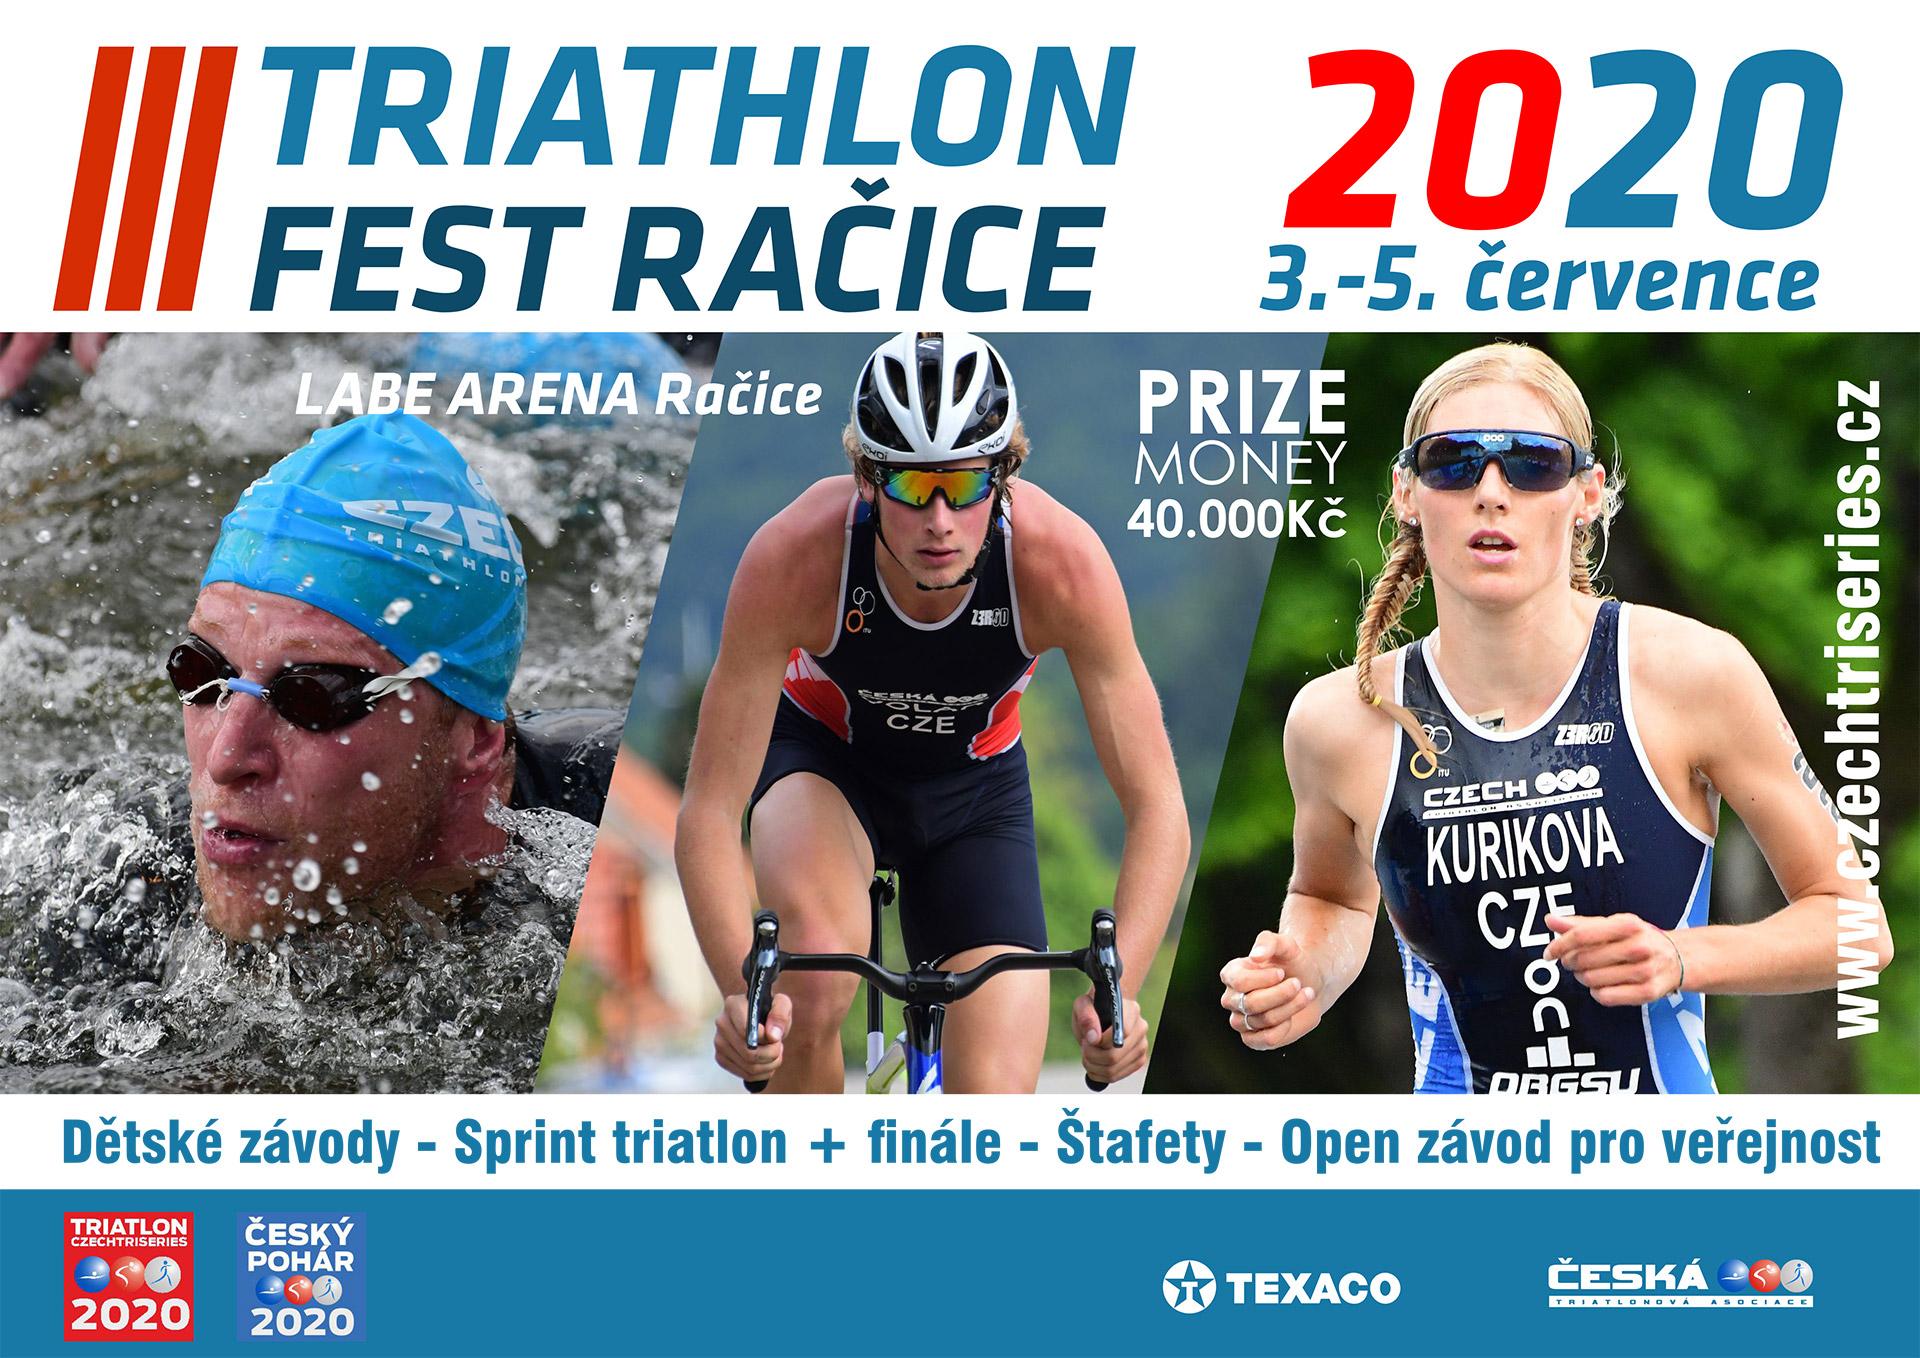 triathlon fest Račice letáček